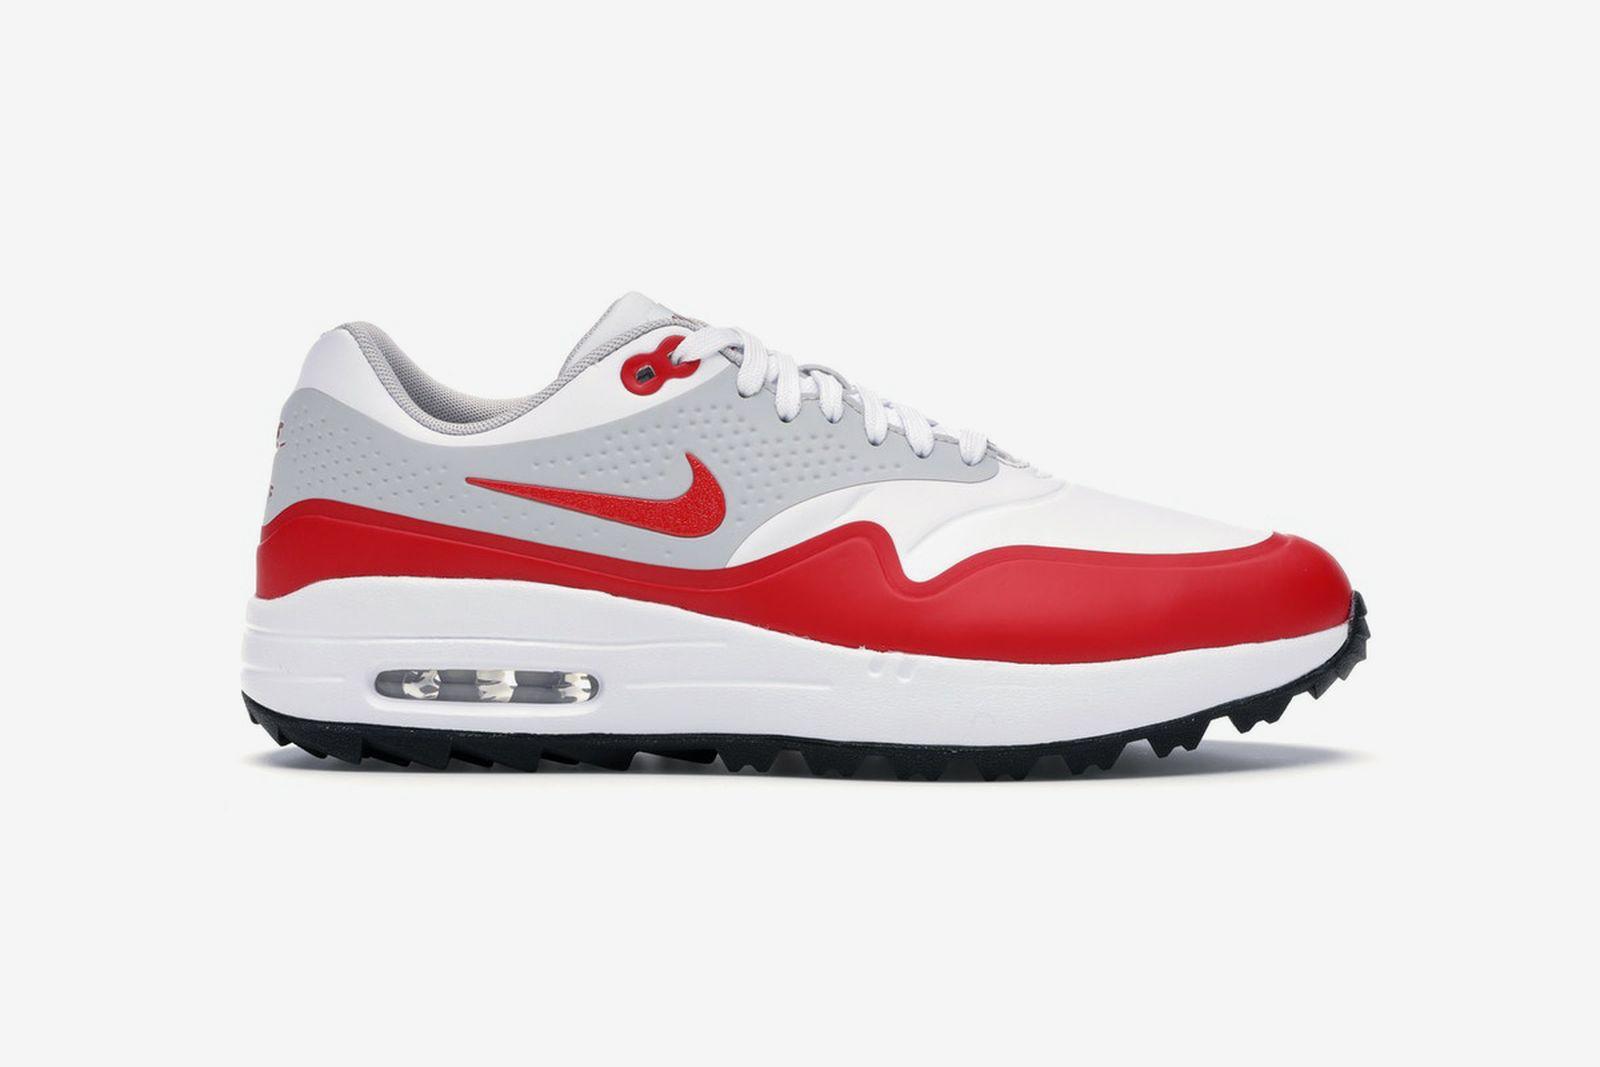 nike-golf-sneakers-08